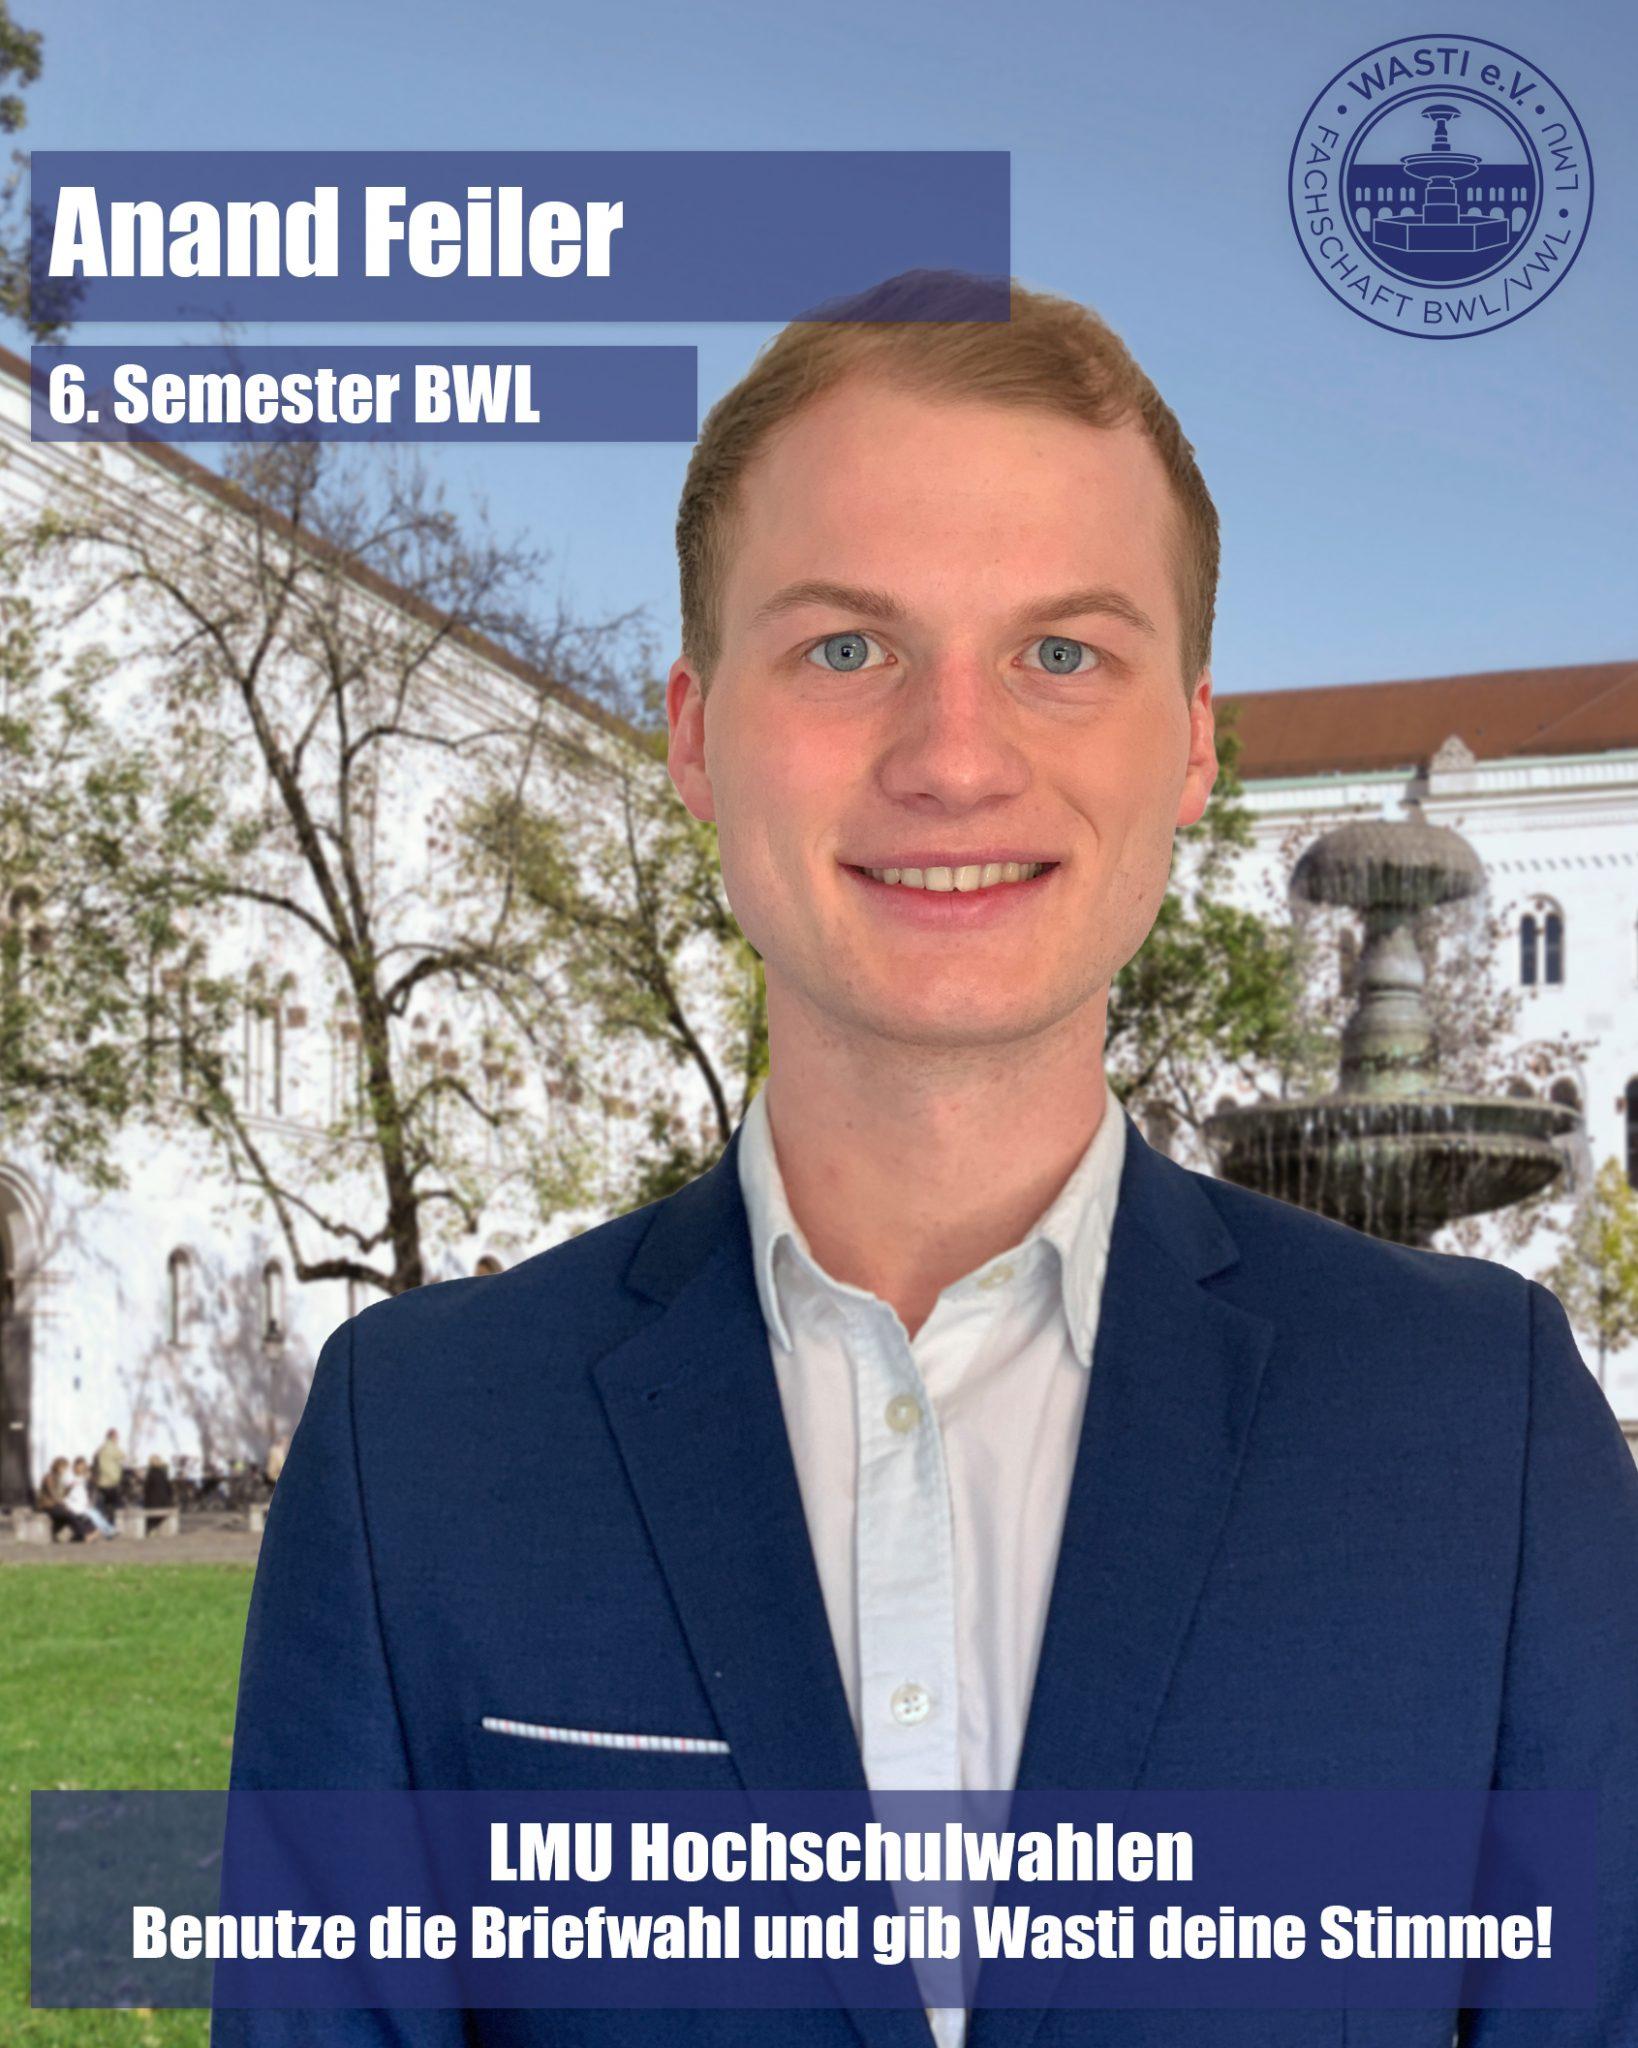 Hochschulwahlen 5